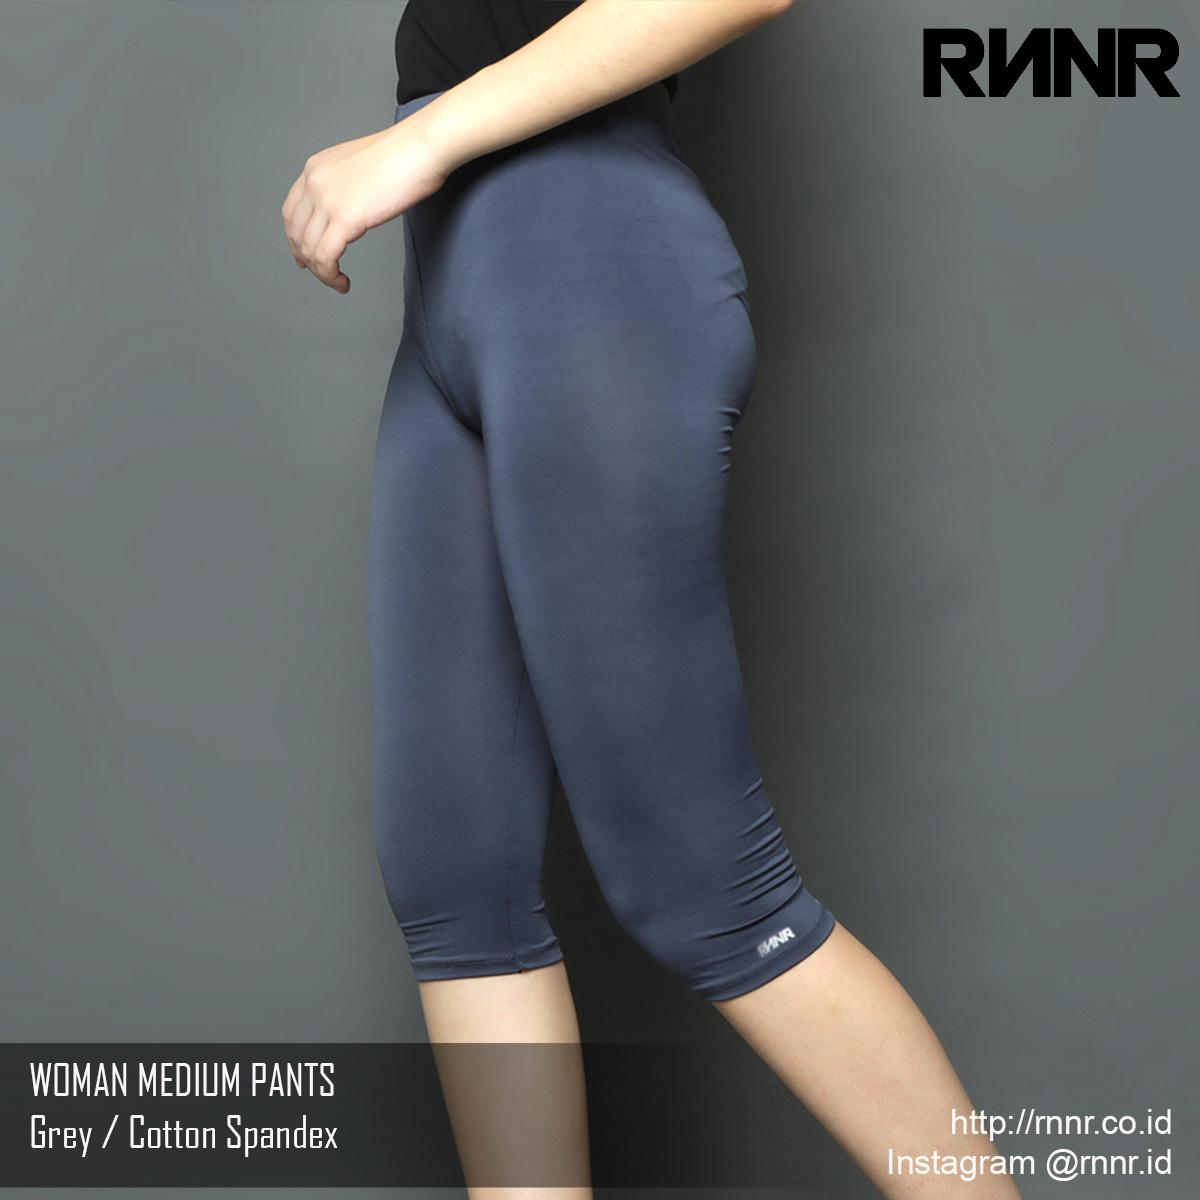 Celana Olahraga Celana Lari Wanita Legging 3 4 Warna Grey Rp 55 000 Rnnr